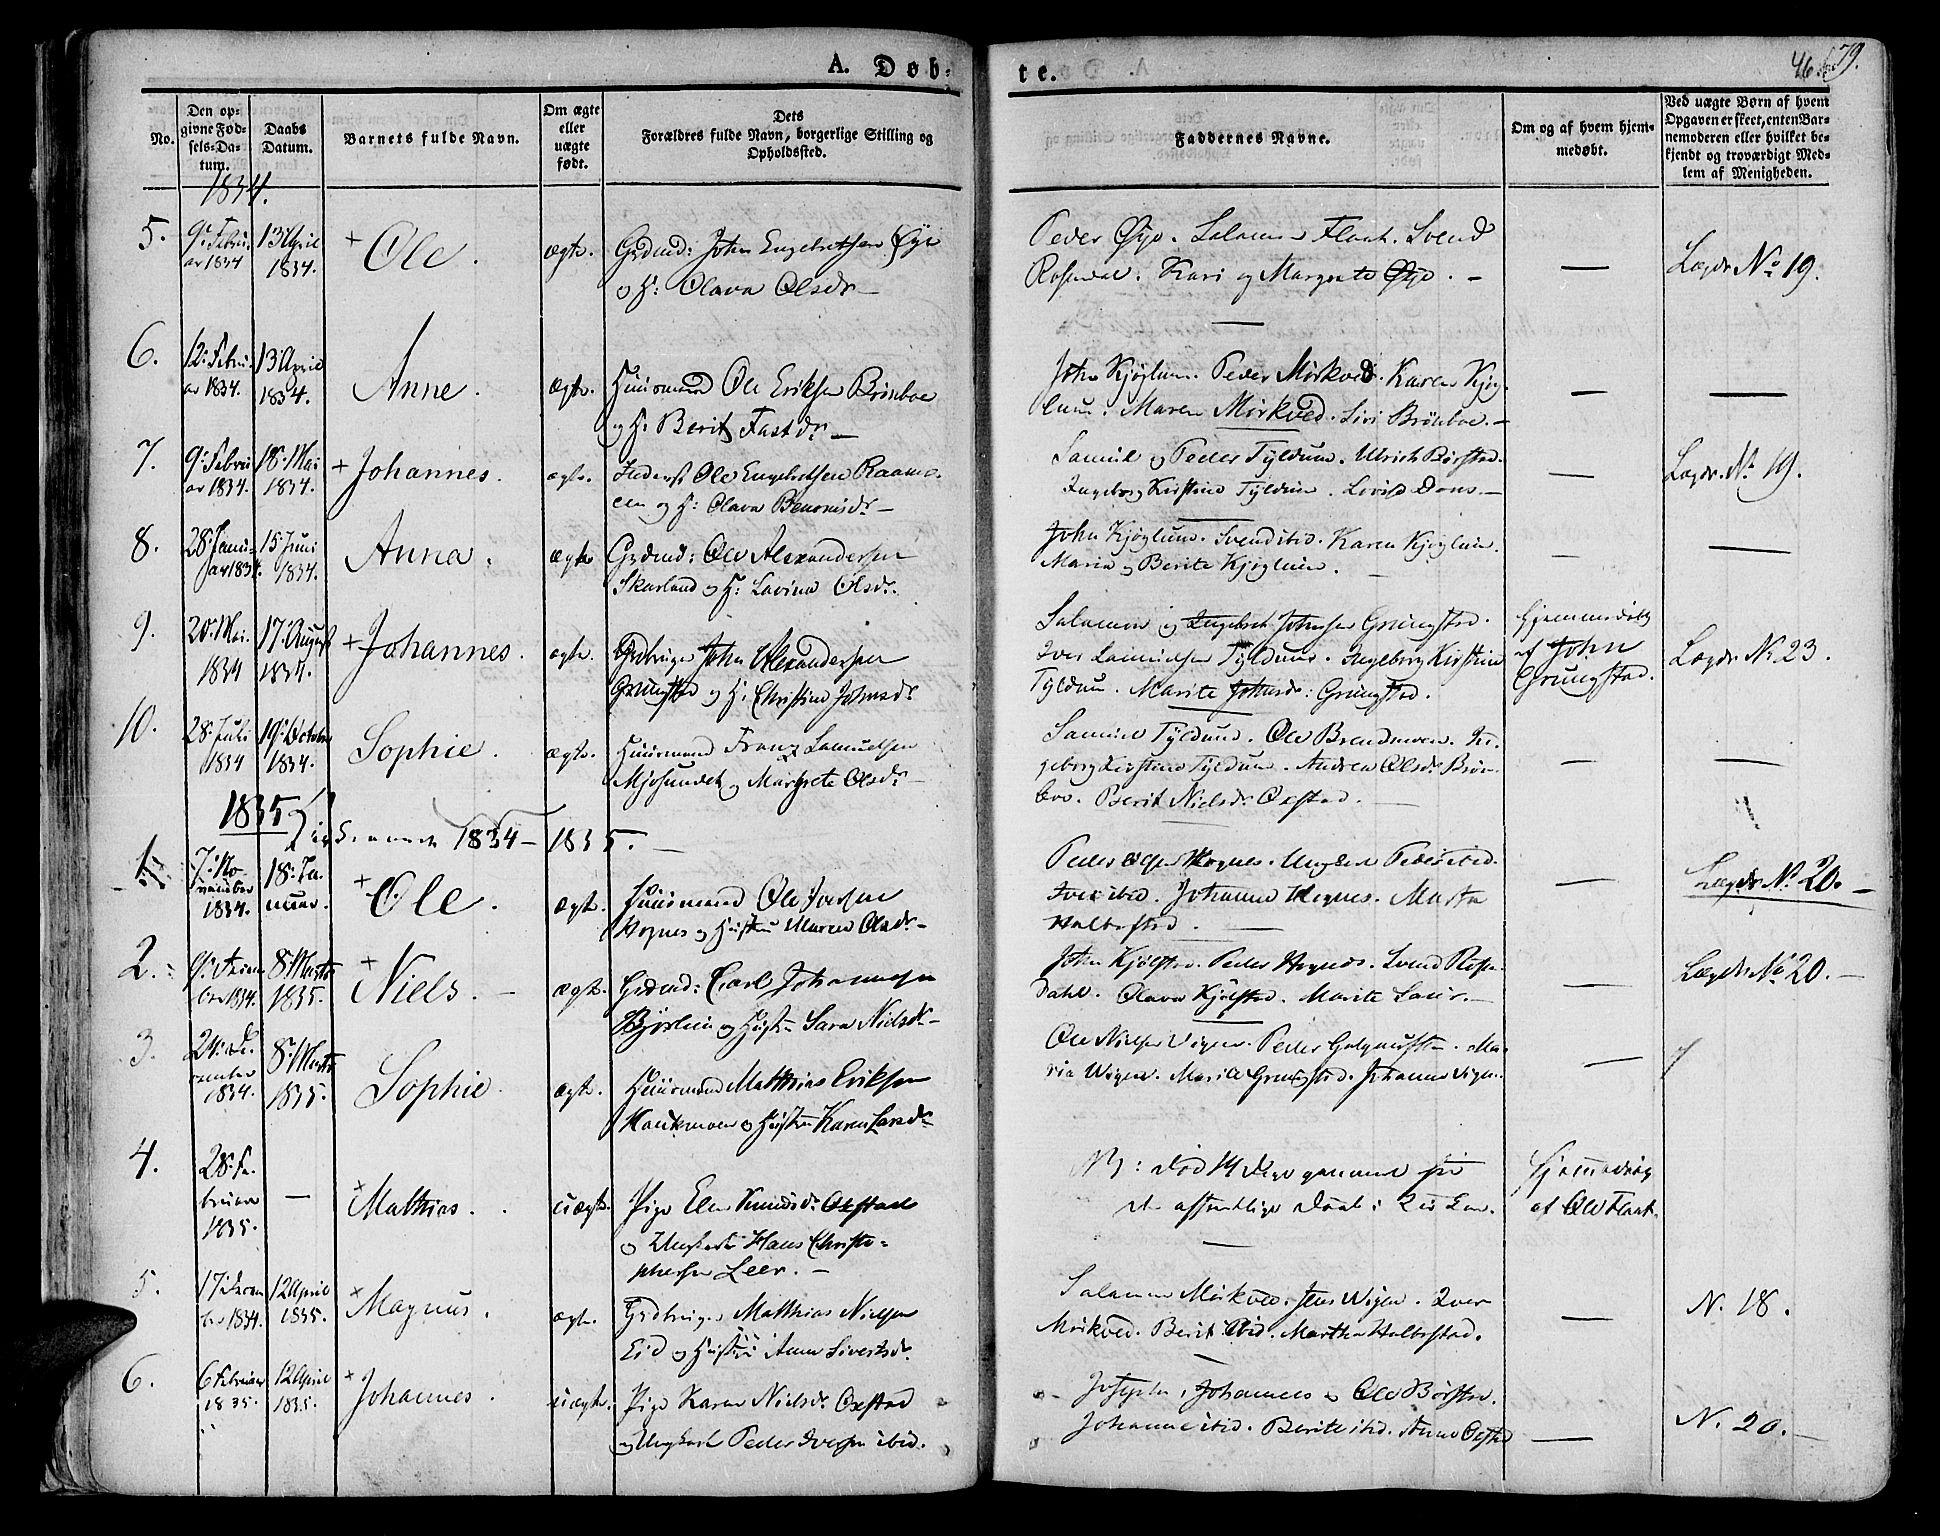 SAT, Ministerialprotokoller, klokkerbøker og fødselsregistre - Nord-Trøndelag, 758/L0510: Ministerialbok nr. 758A01 /2, 1821-1841, s. 46